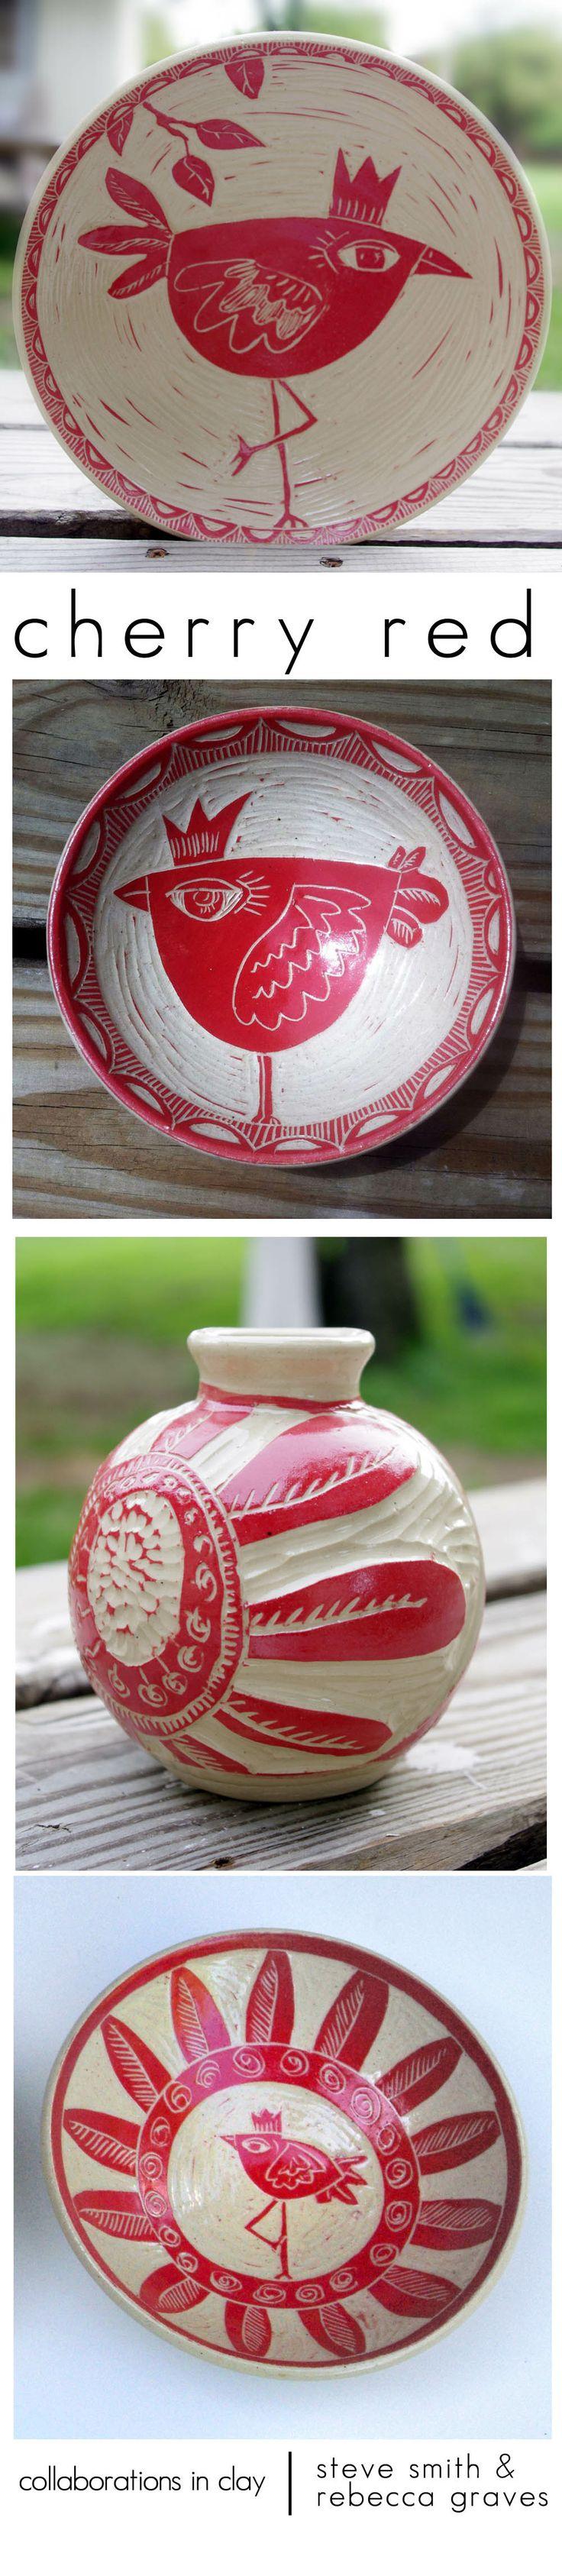 by Steve Smith ___cherry red | rebecca graves steve smith | http://gravesandcompany.com/portfolio/ceramics/#